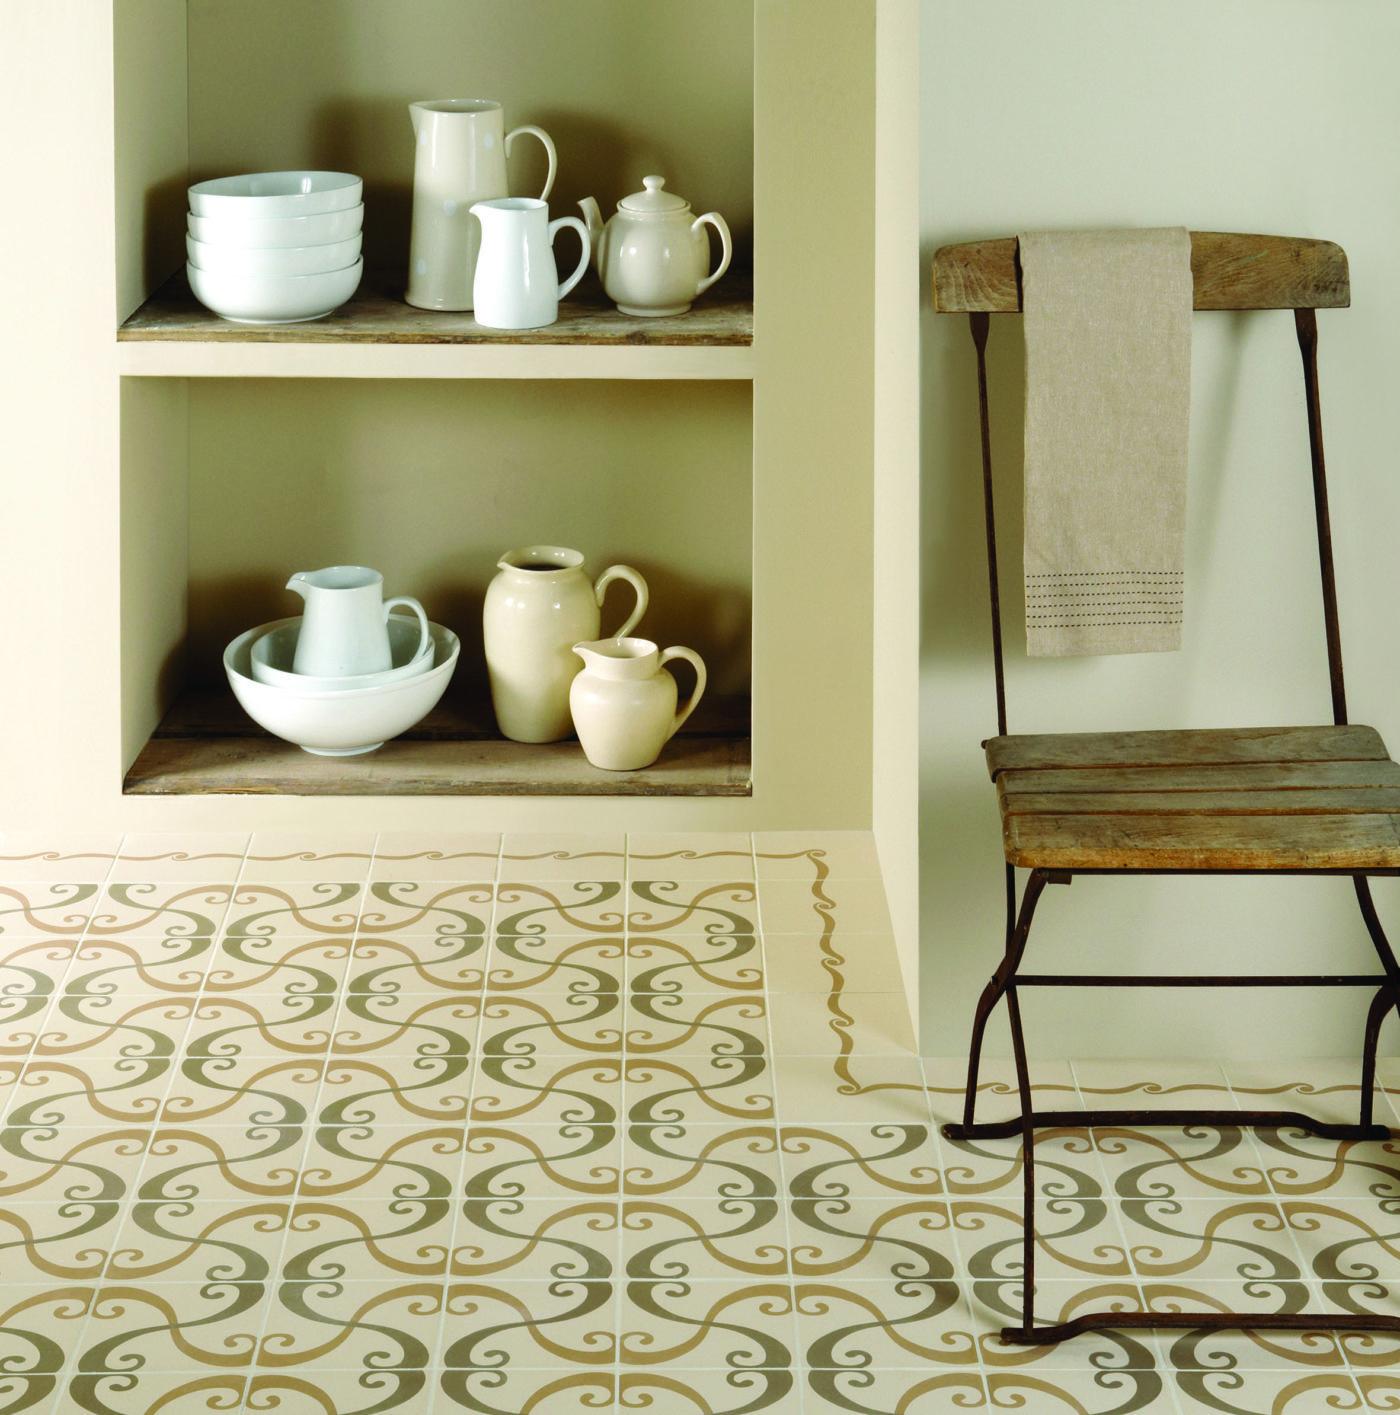 Decorative Tiles | Glazed Tiles | New Image Tiles | Dorset | UK